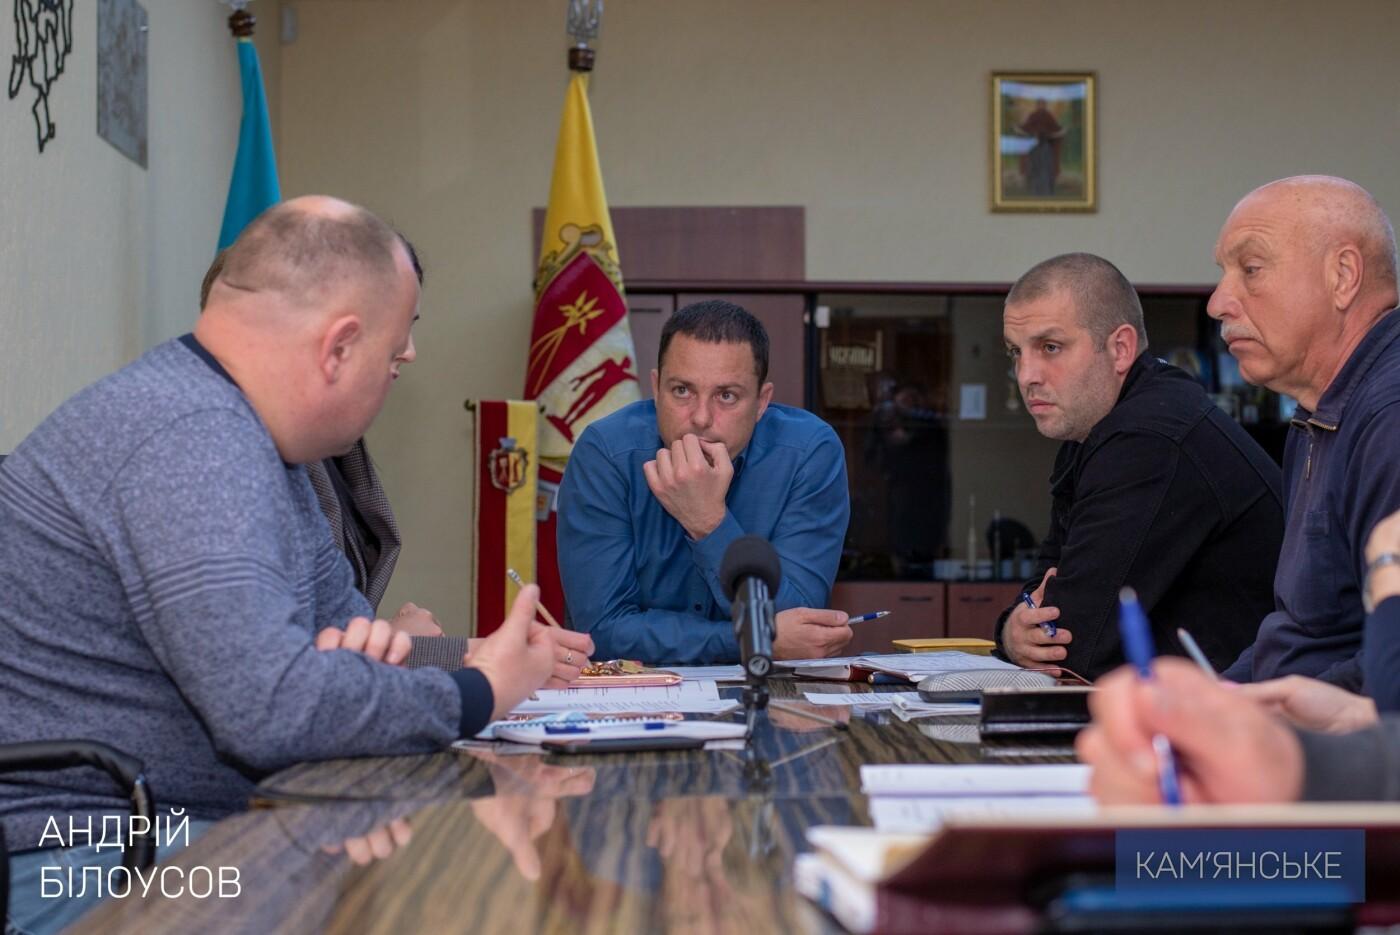 В Каменском обсуждали вопросы участников АТО/ООС, фото-1